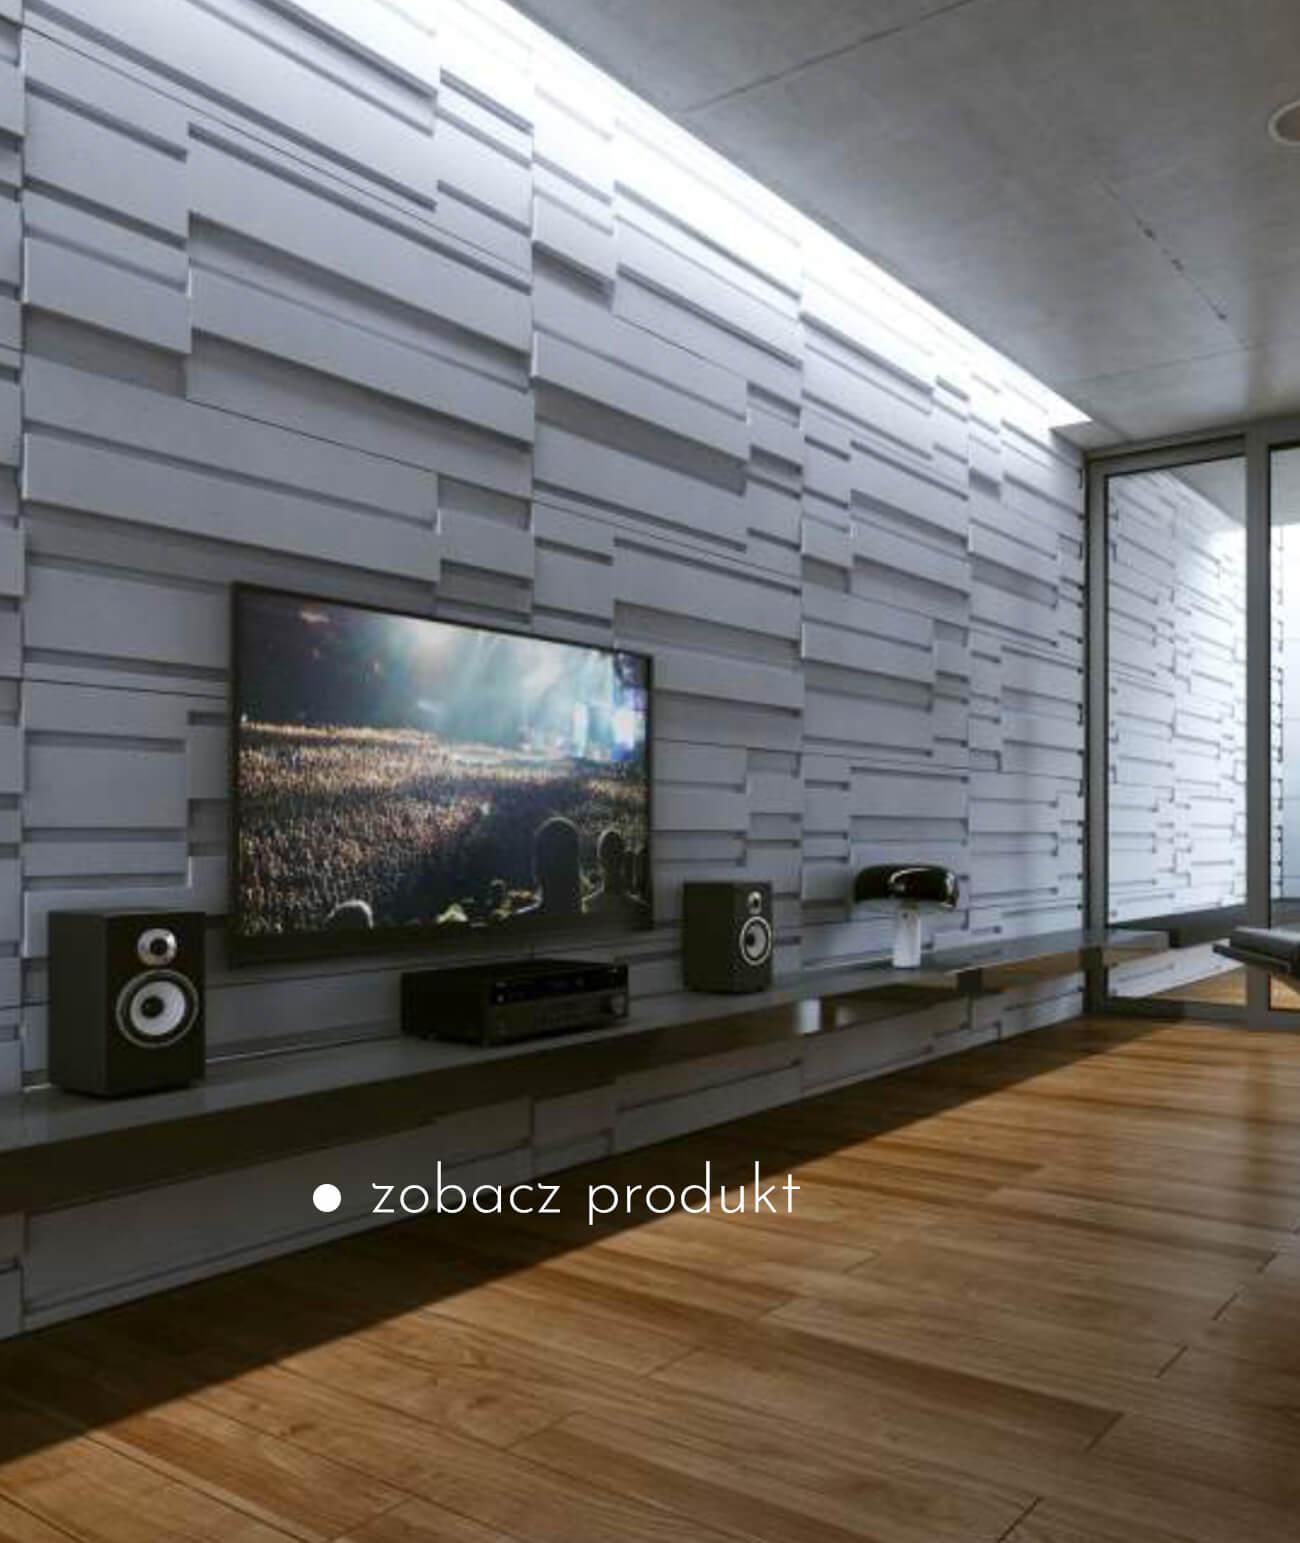 panele-betonowe-3d-scienne-i-elewacyjne-beton-architektoniczny_457-2452-pb13-b1-siwo-bialy-kod---panel-dekor-3d-beton-architektoniczny-panel-scienny